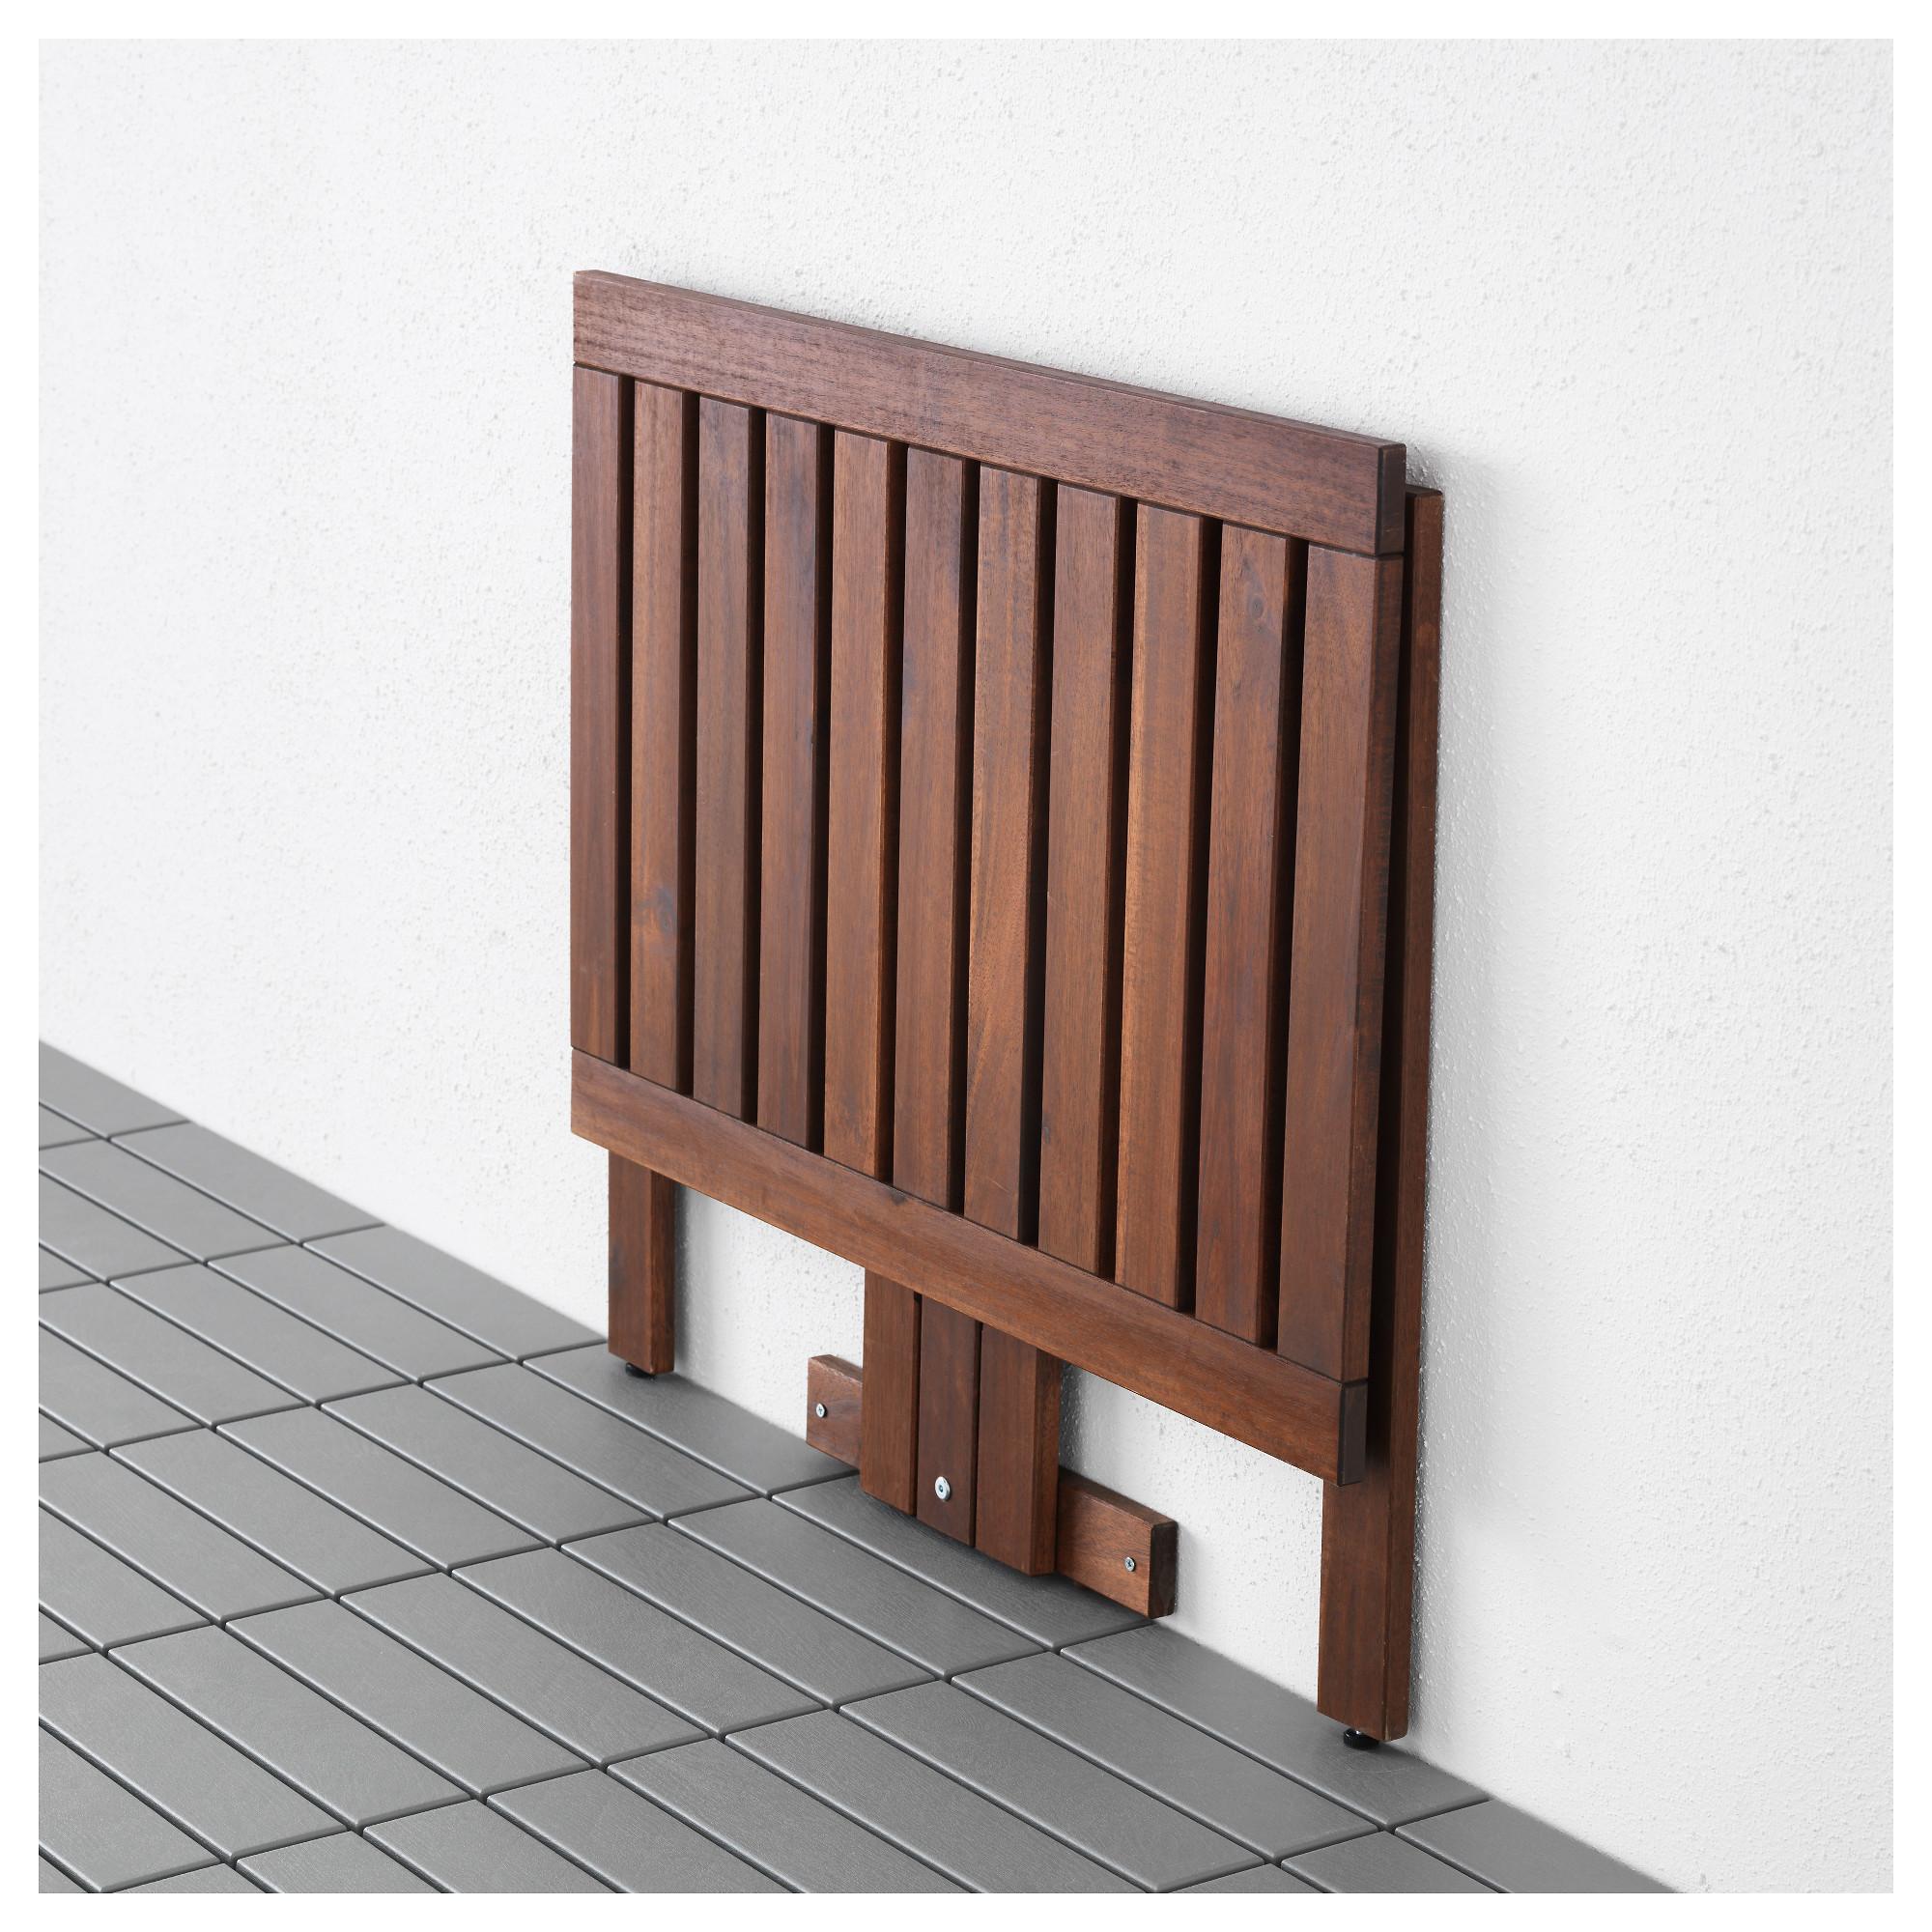 Компактный откидной столик на балкон своими руками.